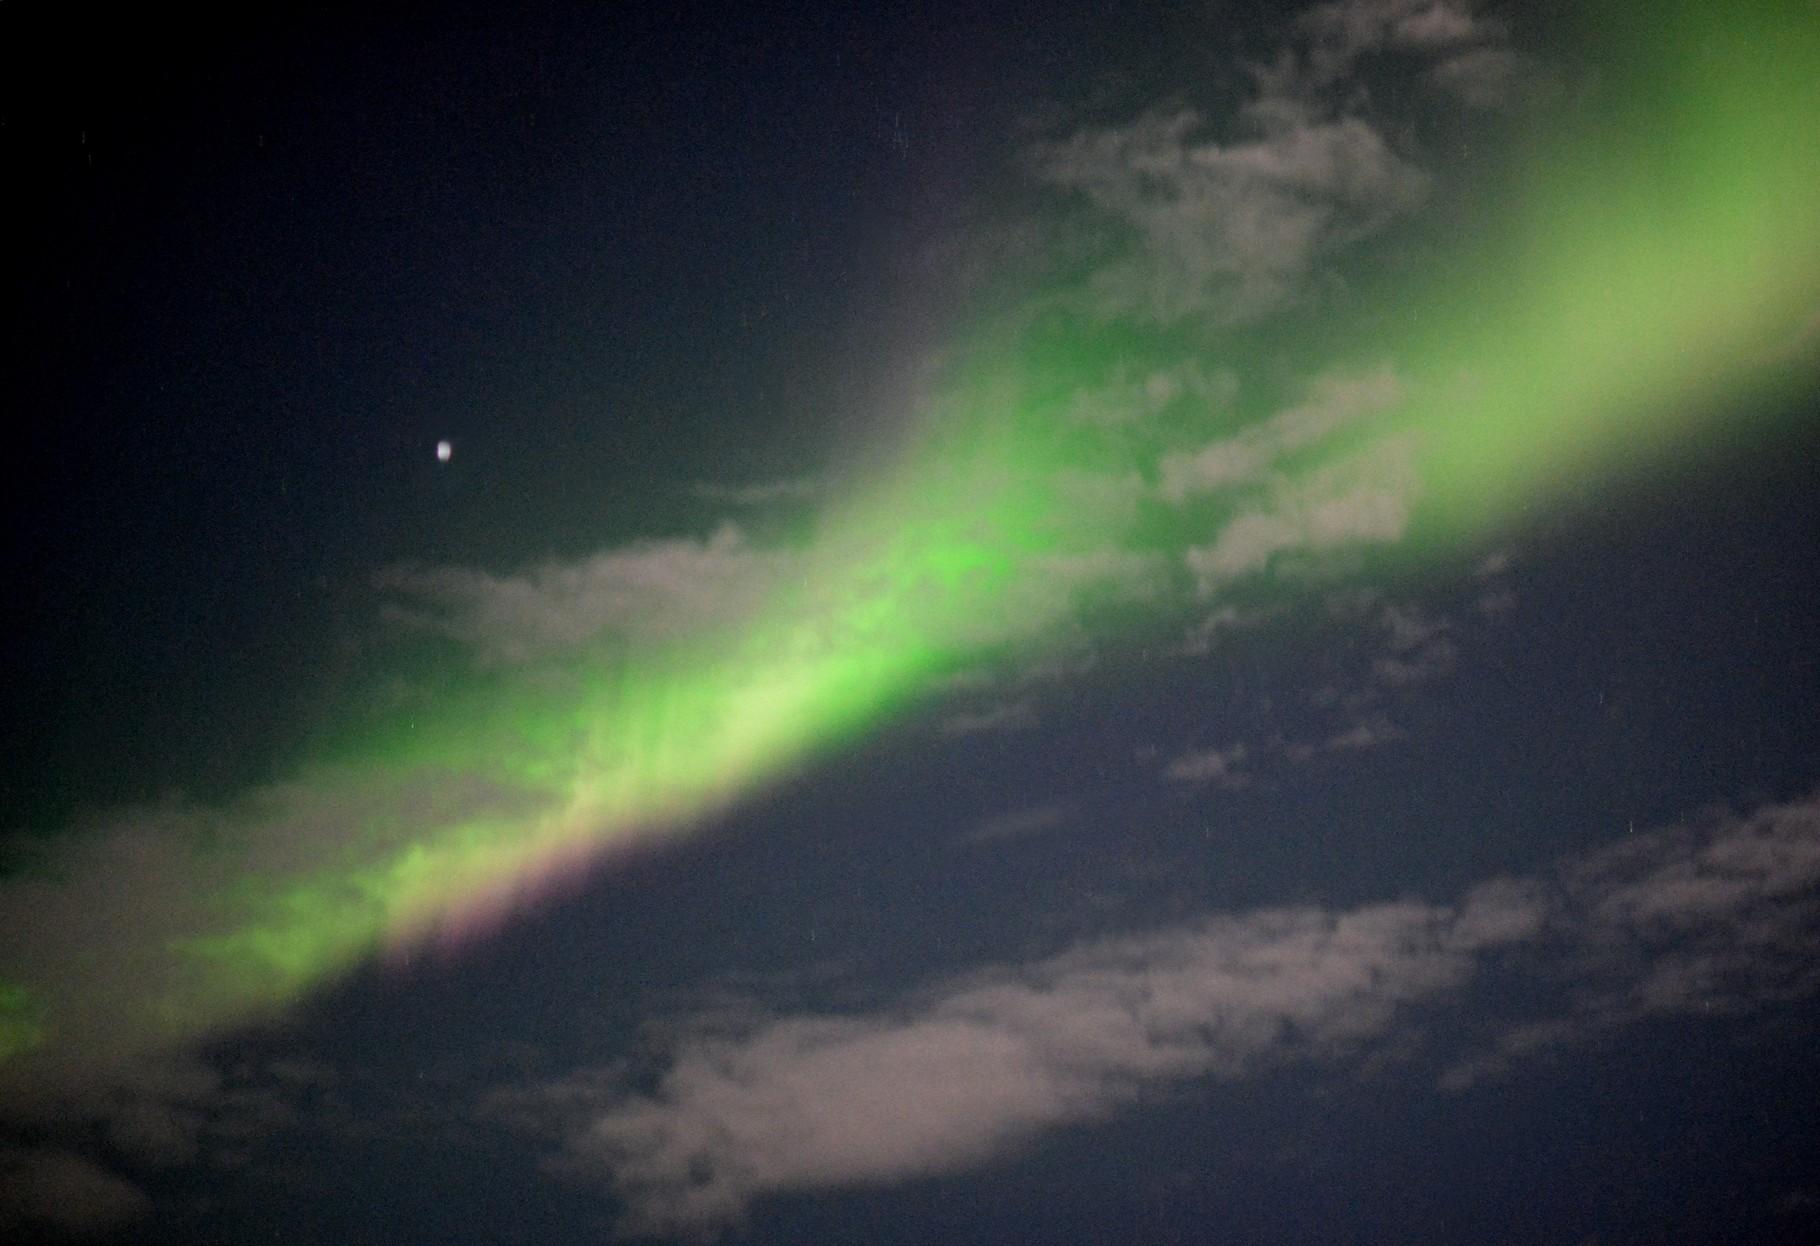 Bild 10-188 - Die Häufigkeit der Polarlichterscheinungen in den mittleren Breiten (Mitteleuropa) hängt von der Sonnenaktivität ab